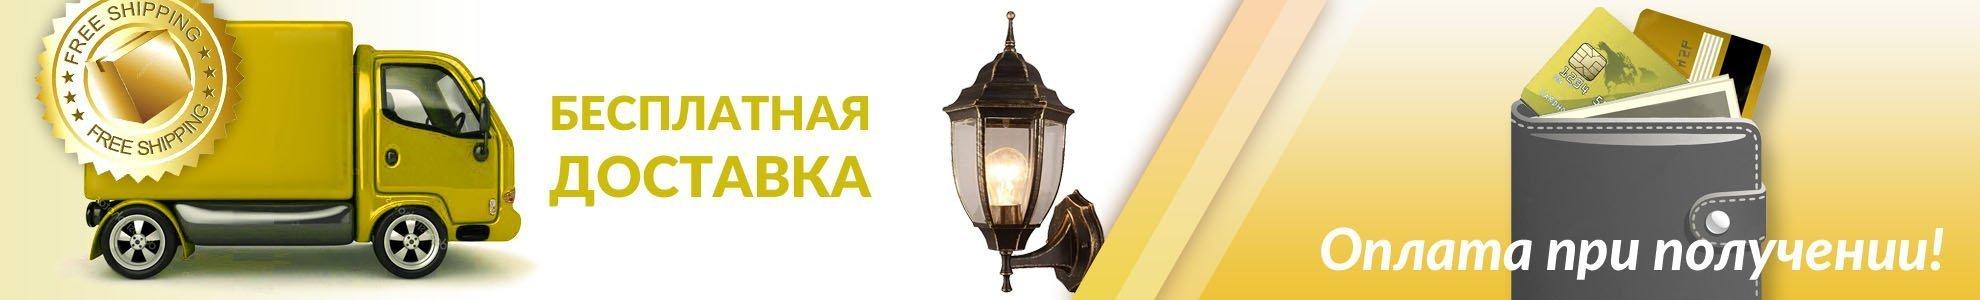 Фонари уличного освещения светодиодные фото и цена